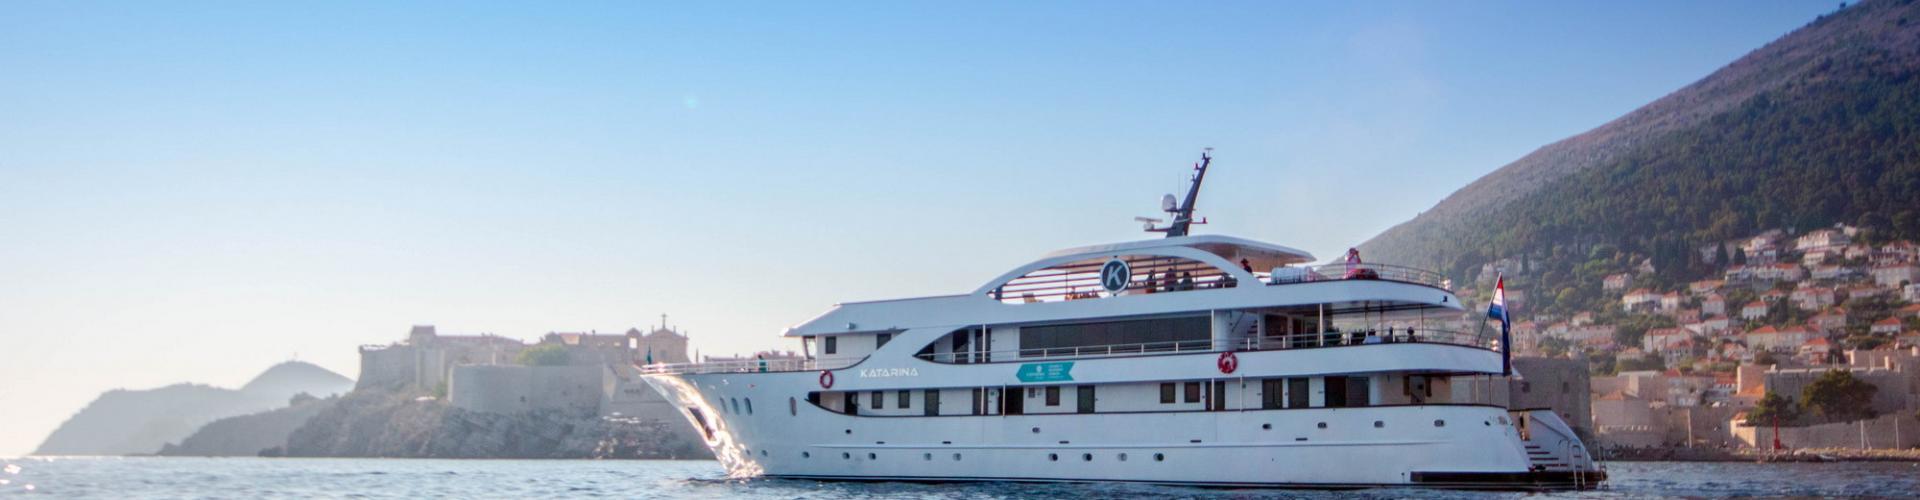 2019. Deluxe nave da crociera MV Katarina